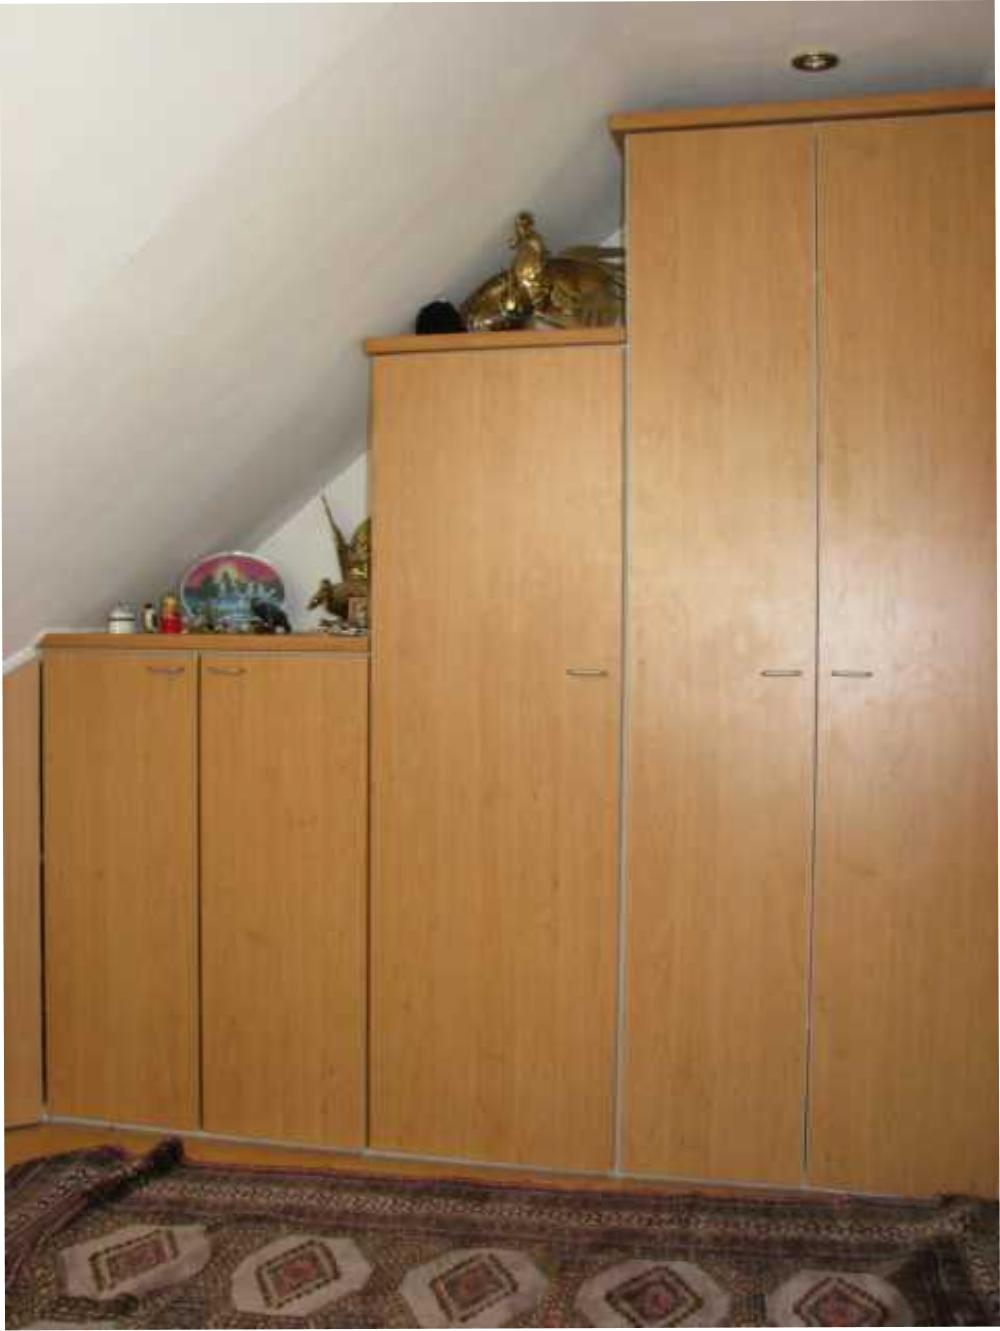 schreinerei die holzwerkstatt bihrer page 13. Black Bedroom Furniture Sets. Home Design Ideas